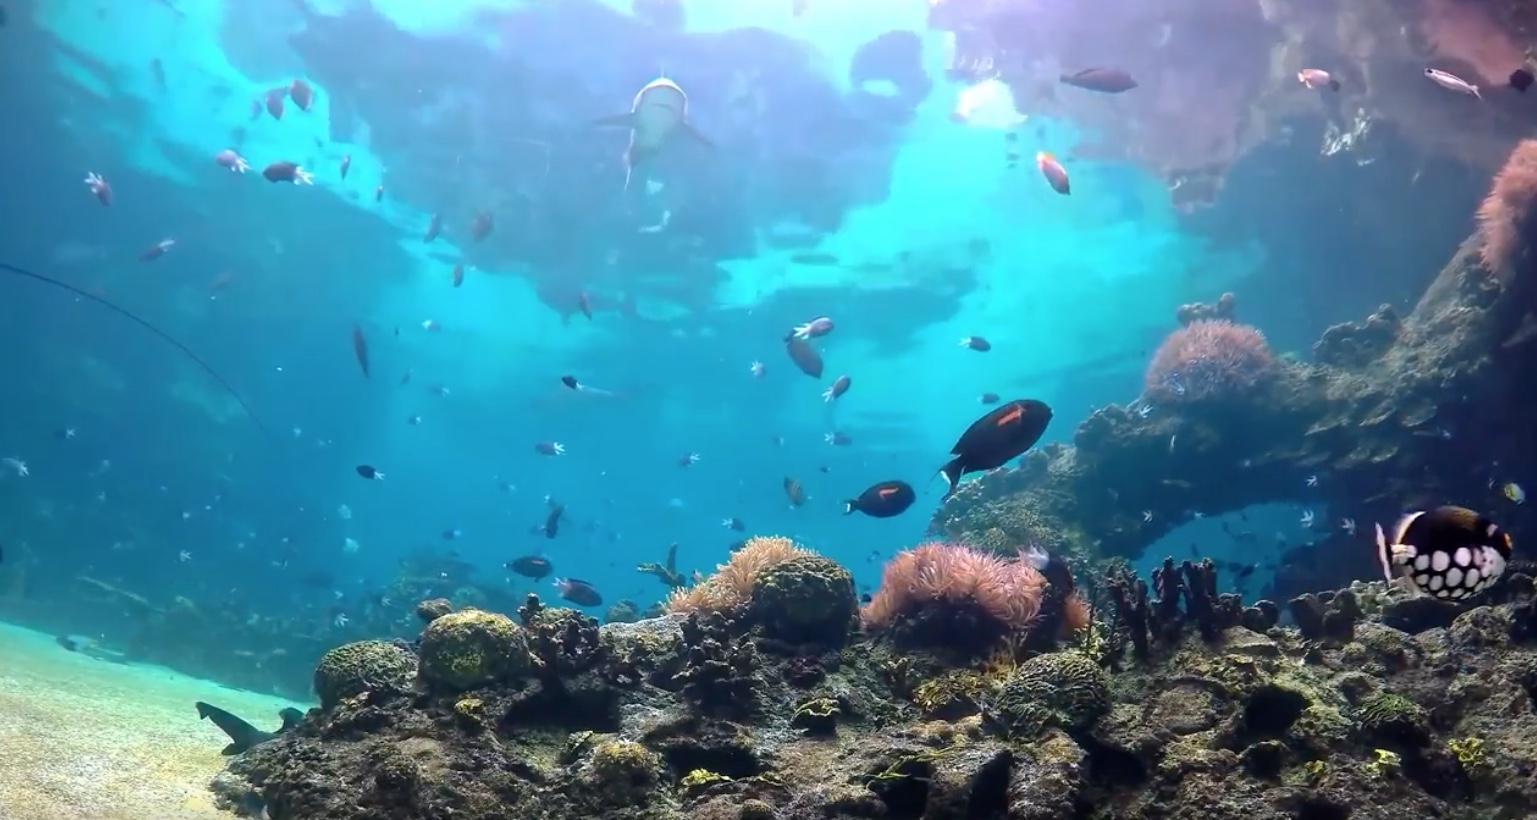 видео-обои «Большой аквариум»